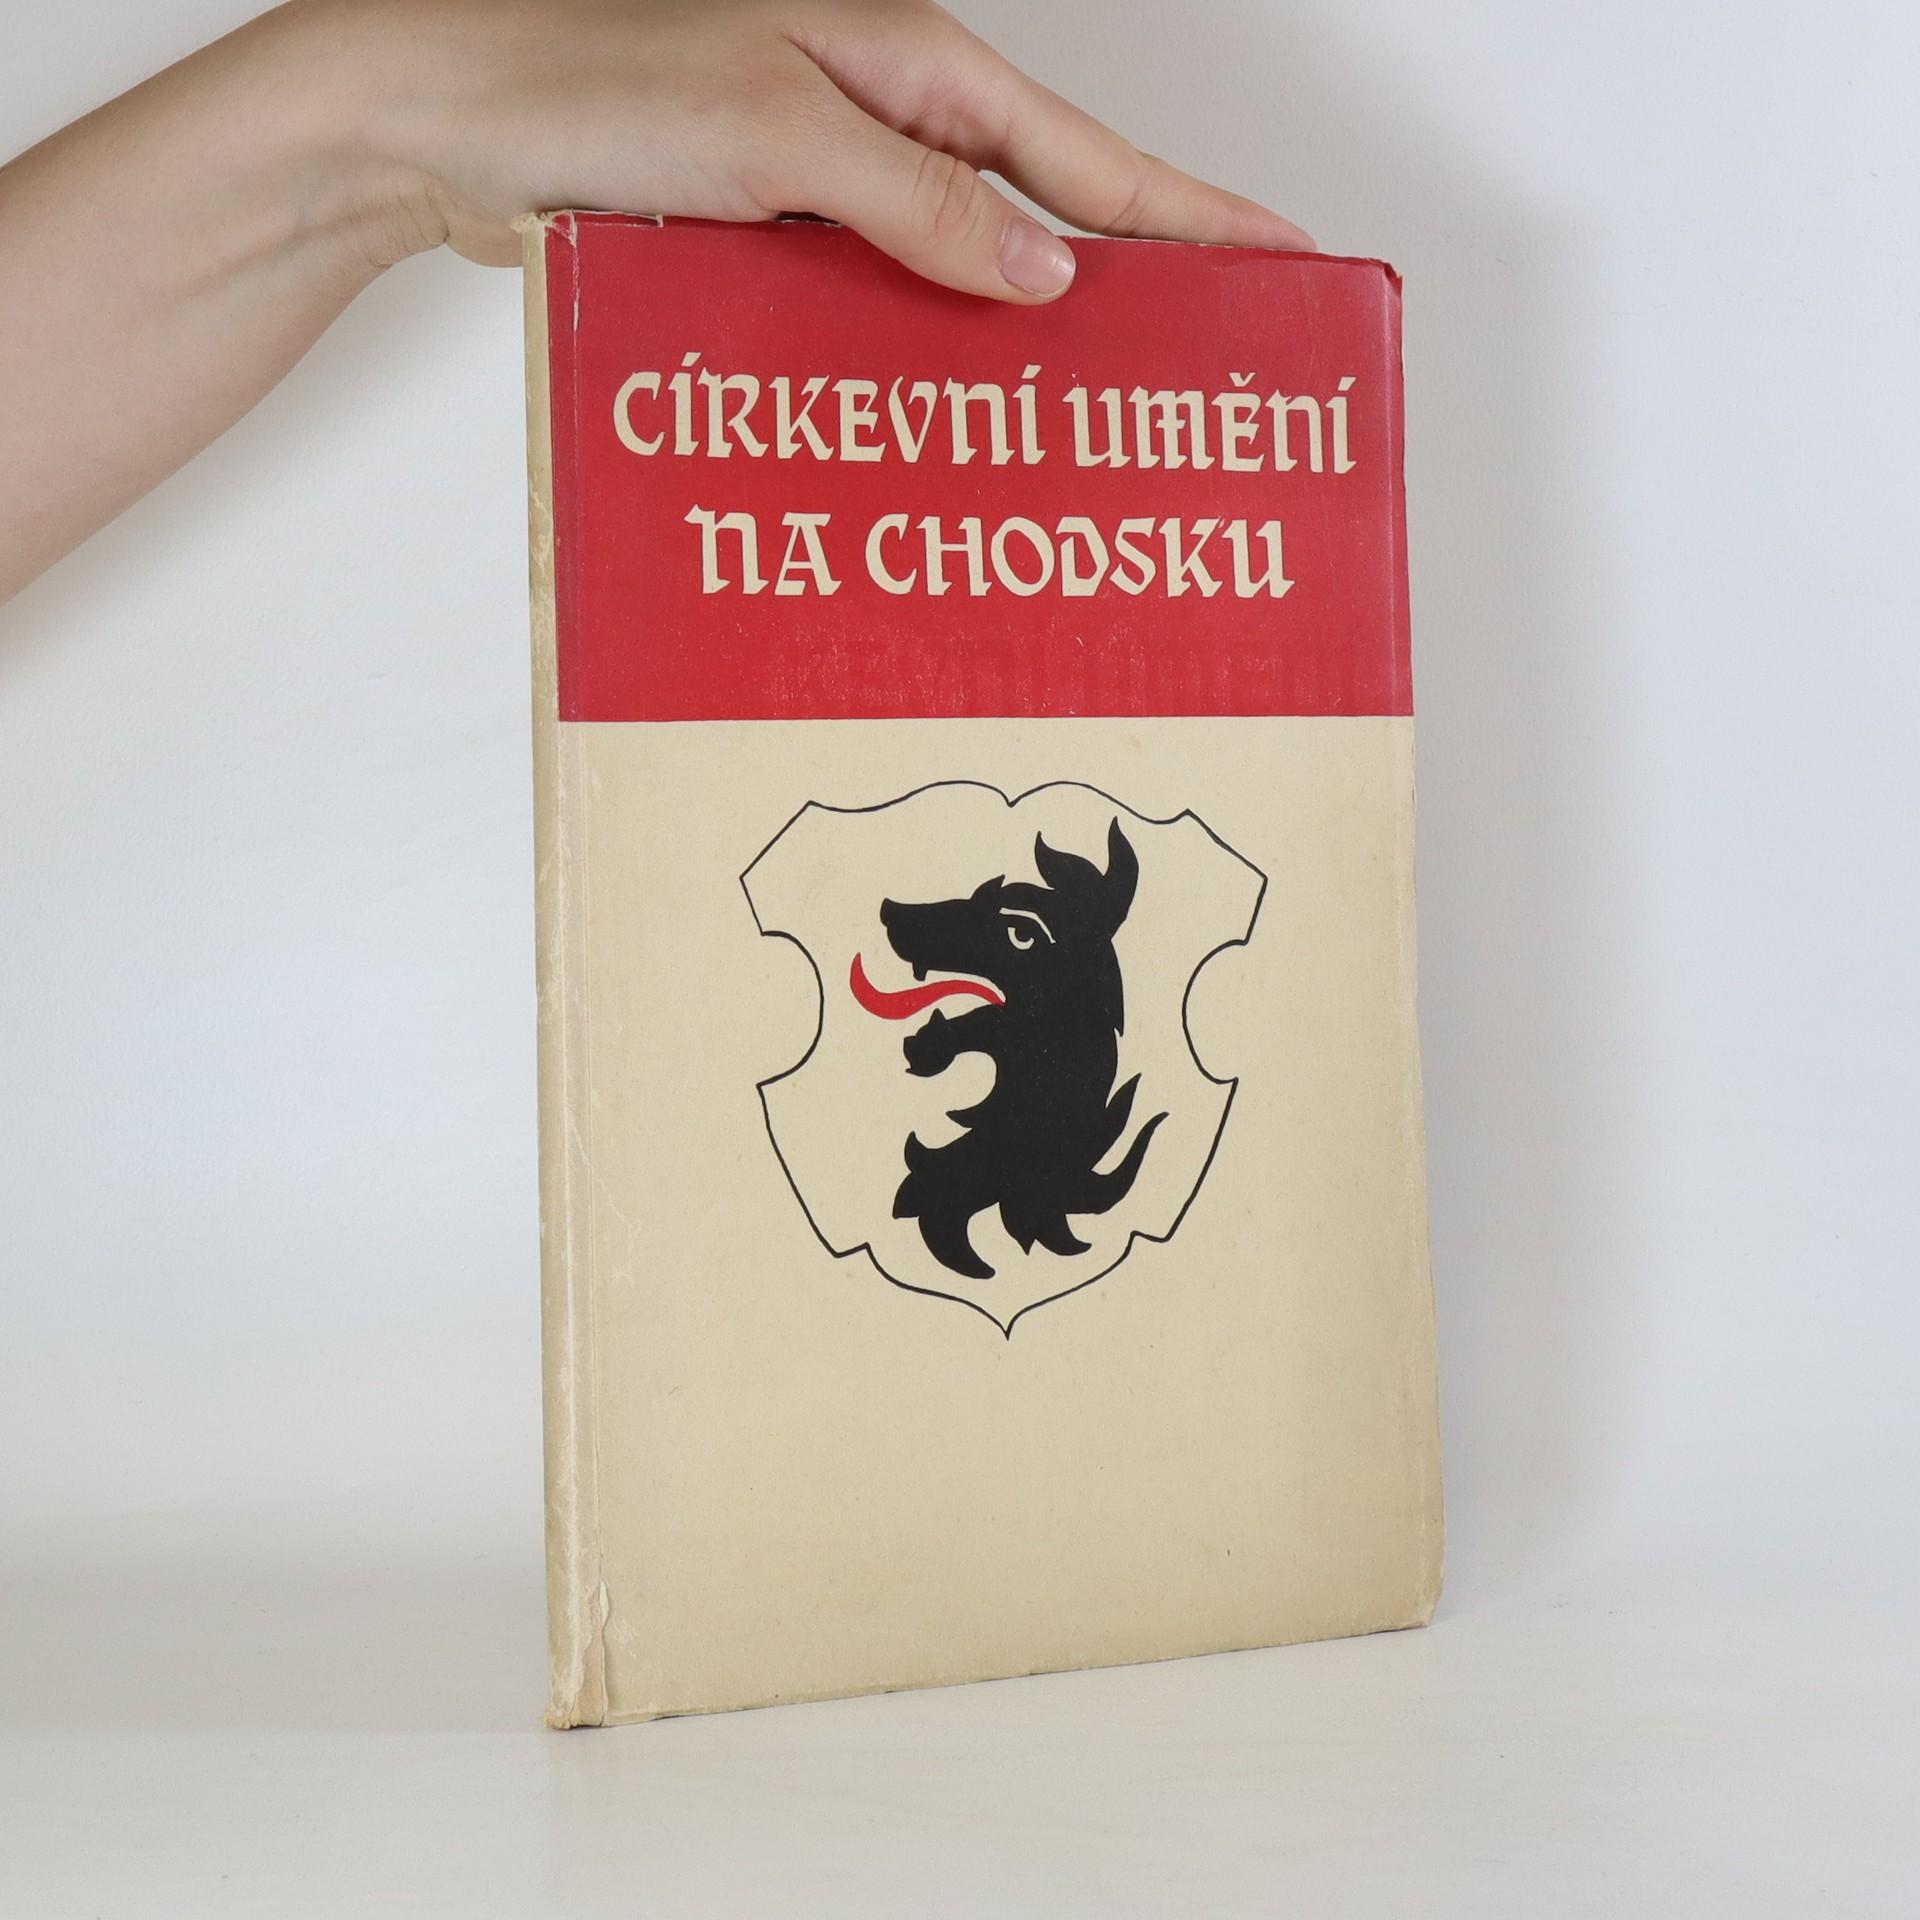 antikvární kniha Církevní umění na Chodsku, 1939